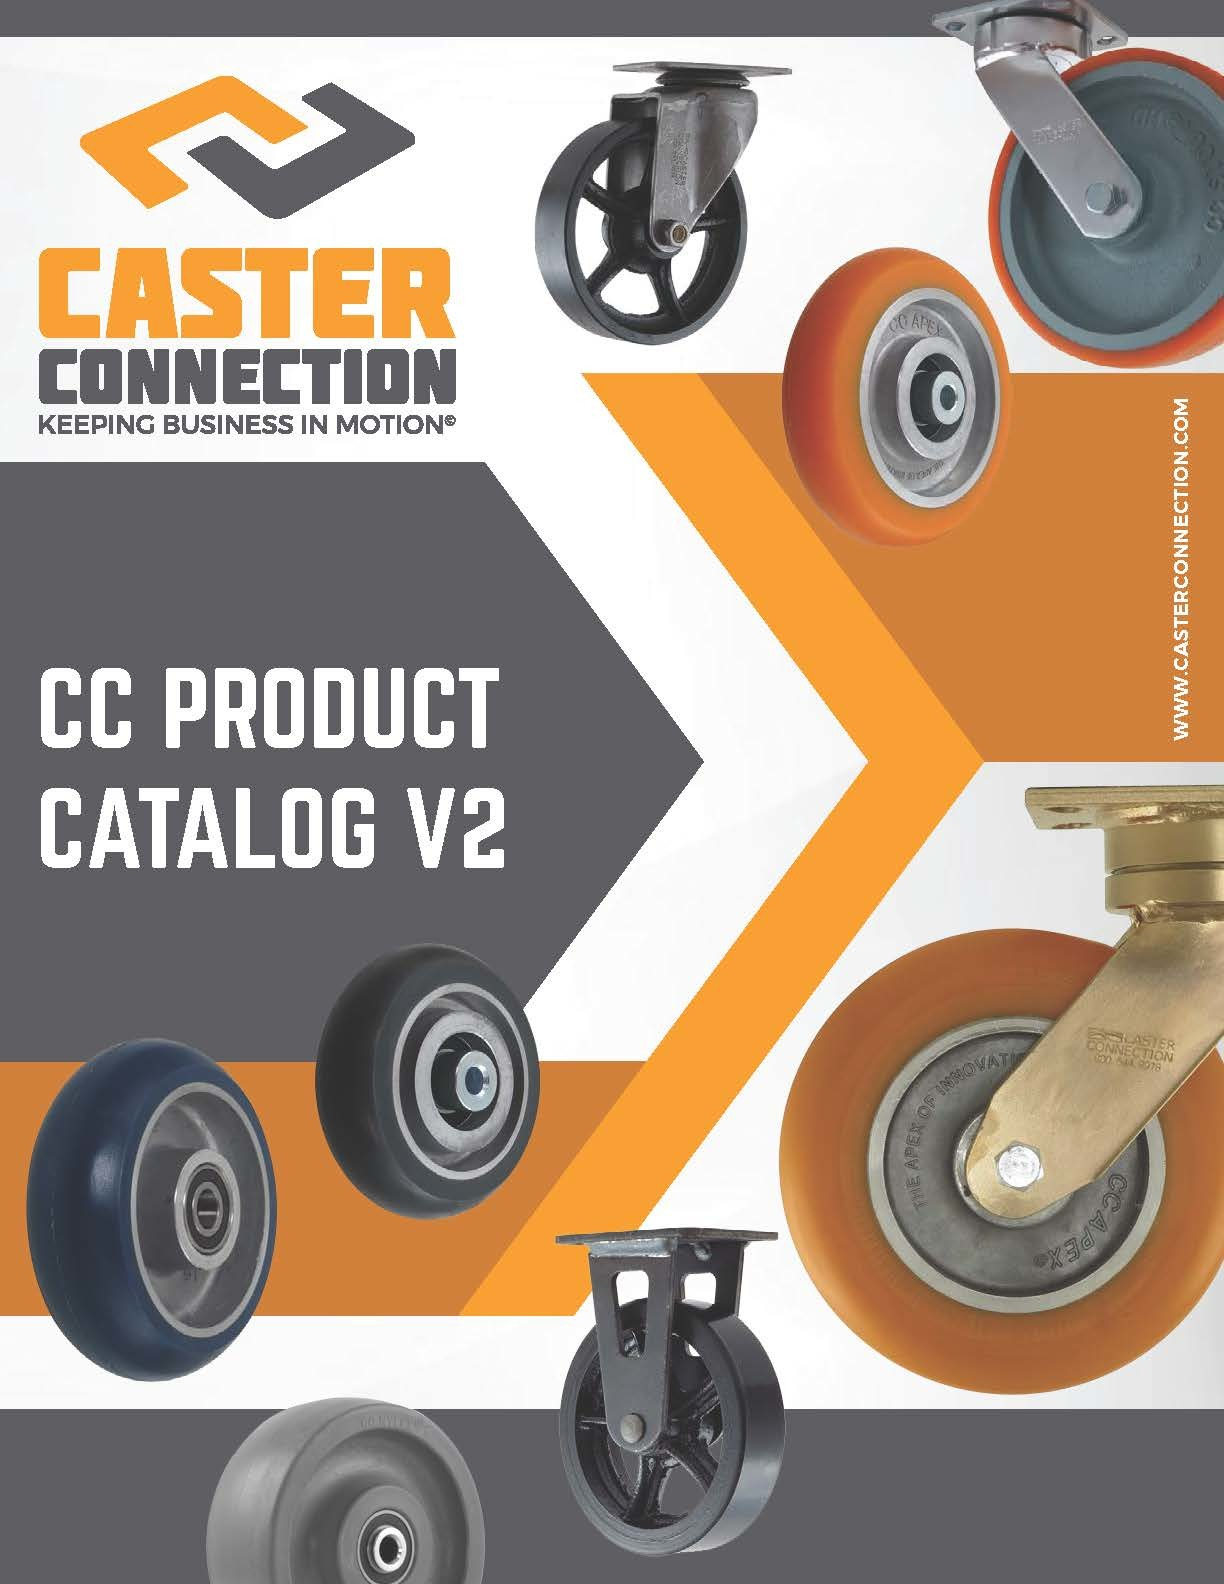 CC Product Catalog V2 Cover